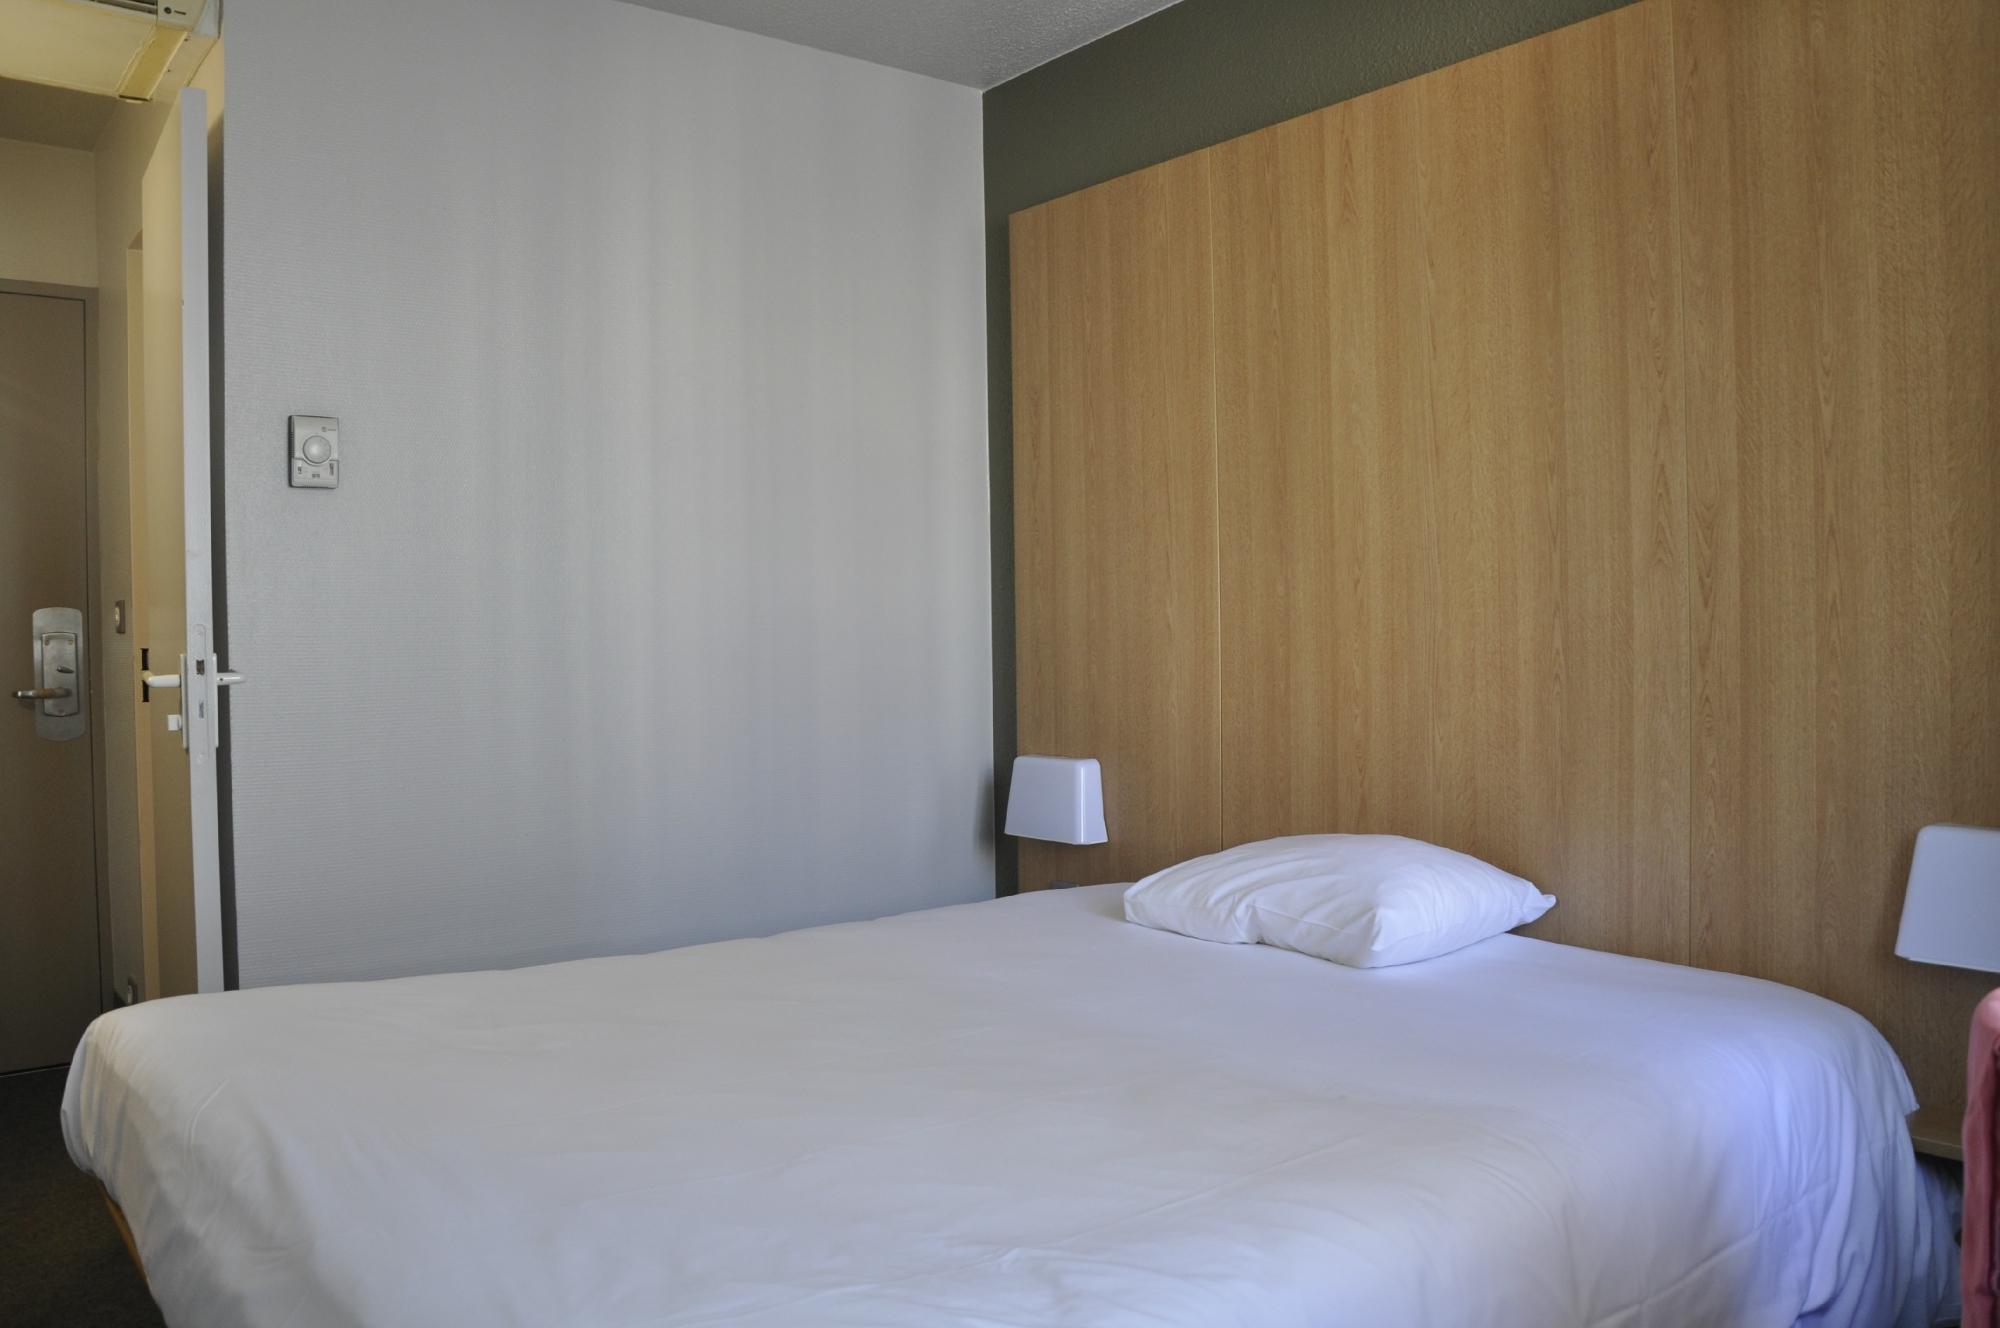 B&B Hotel Roissy Charles de Gaulle